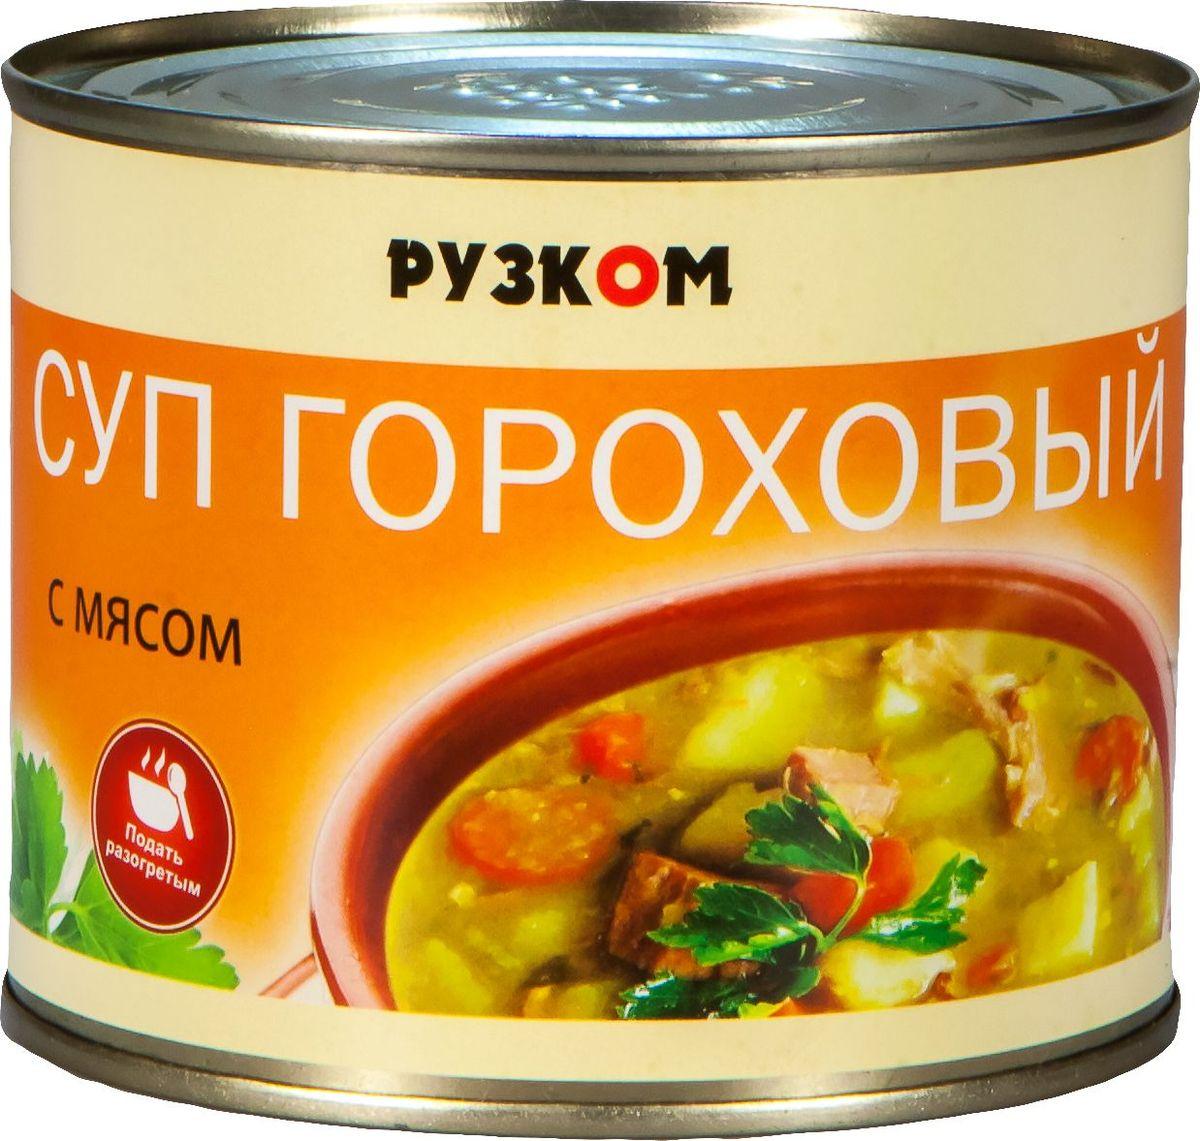 Рузком Суп гороховый с мясом, 540 г4606411012142